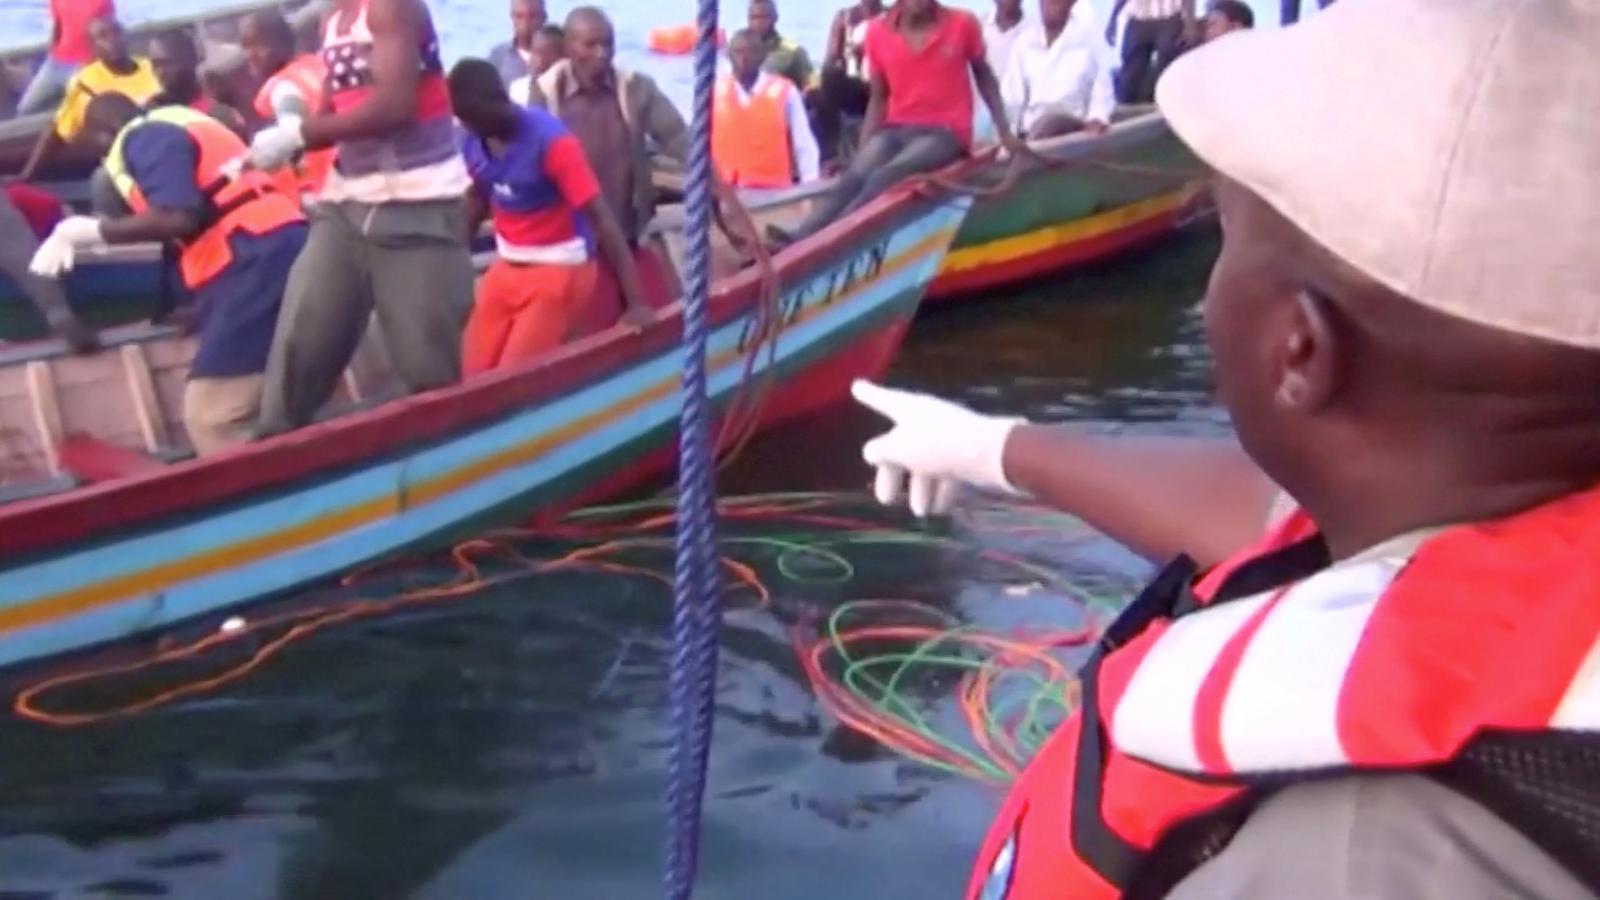 Tasques de rescat al llac Victòria